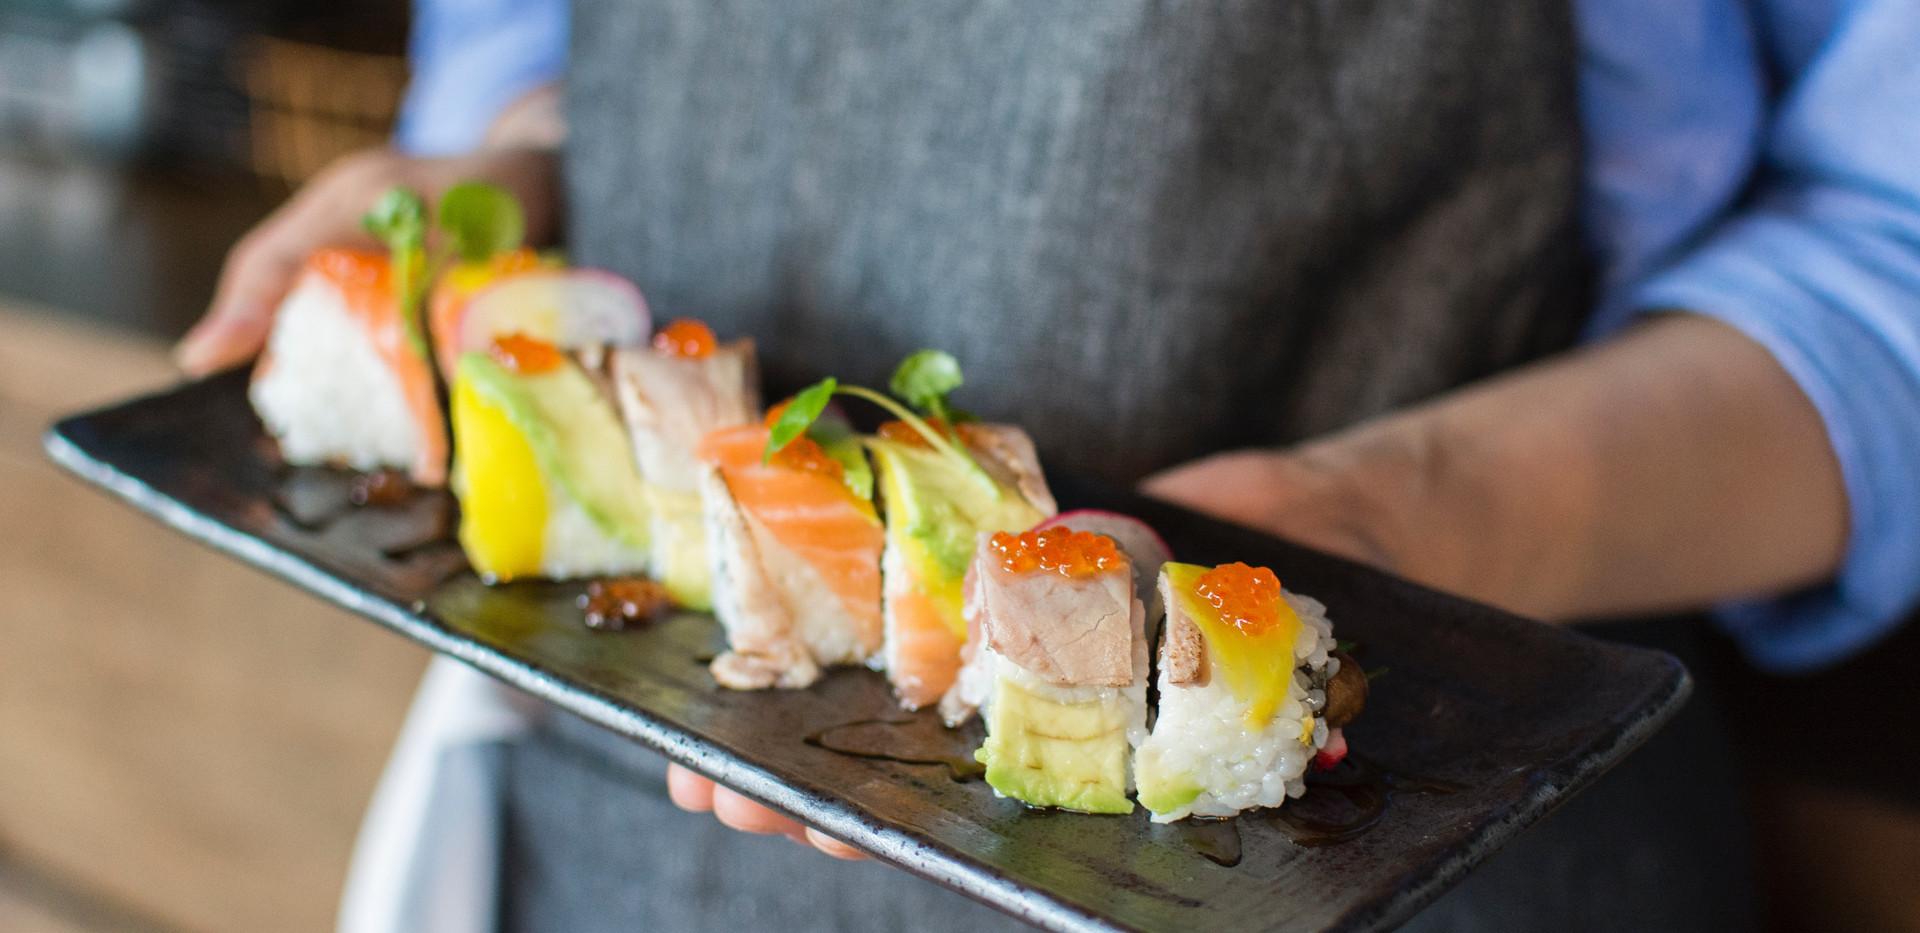 asian-food-ceramic-plate-chef-1422384.jp